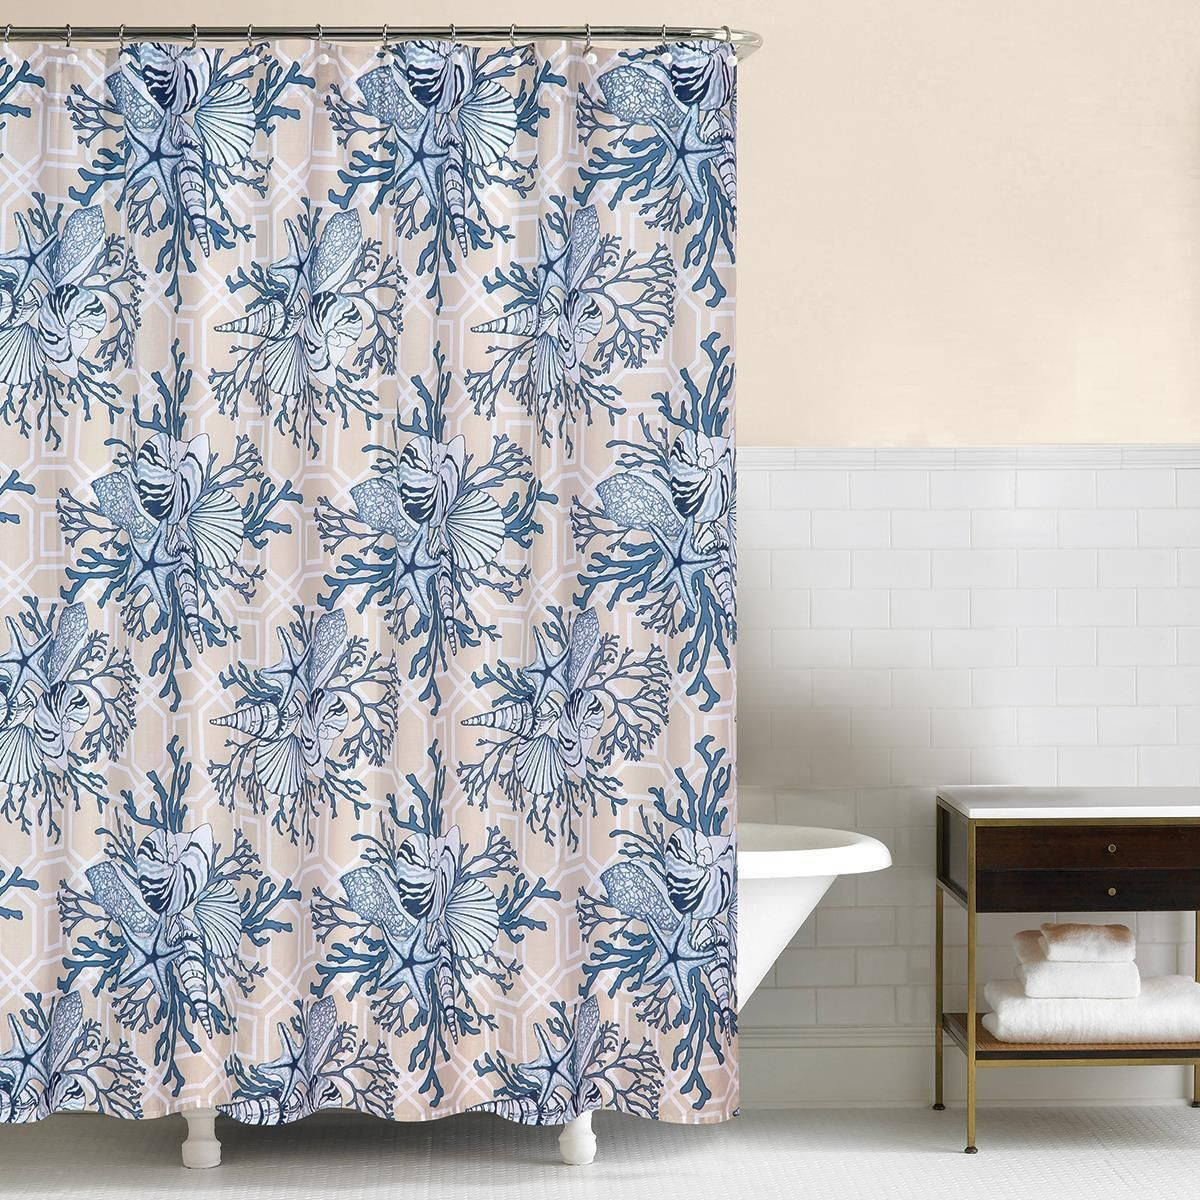 Indigo Sound Shower Curtain Shower Curtain Curtains Shower